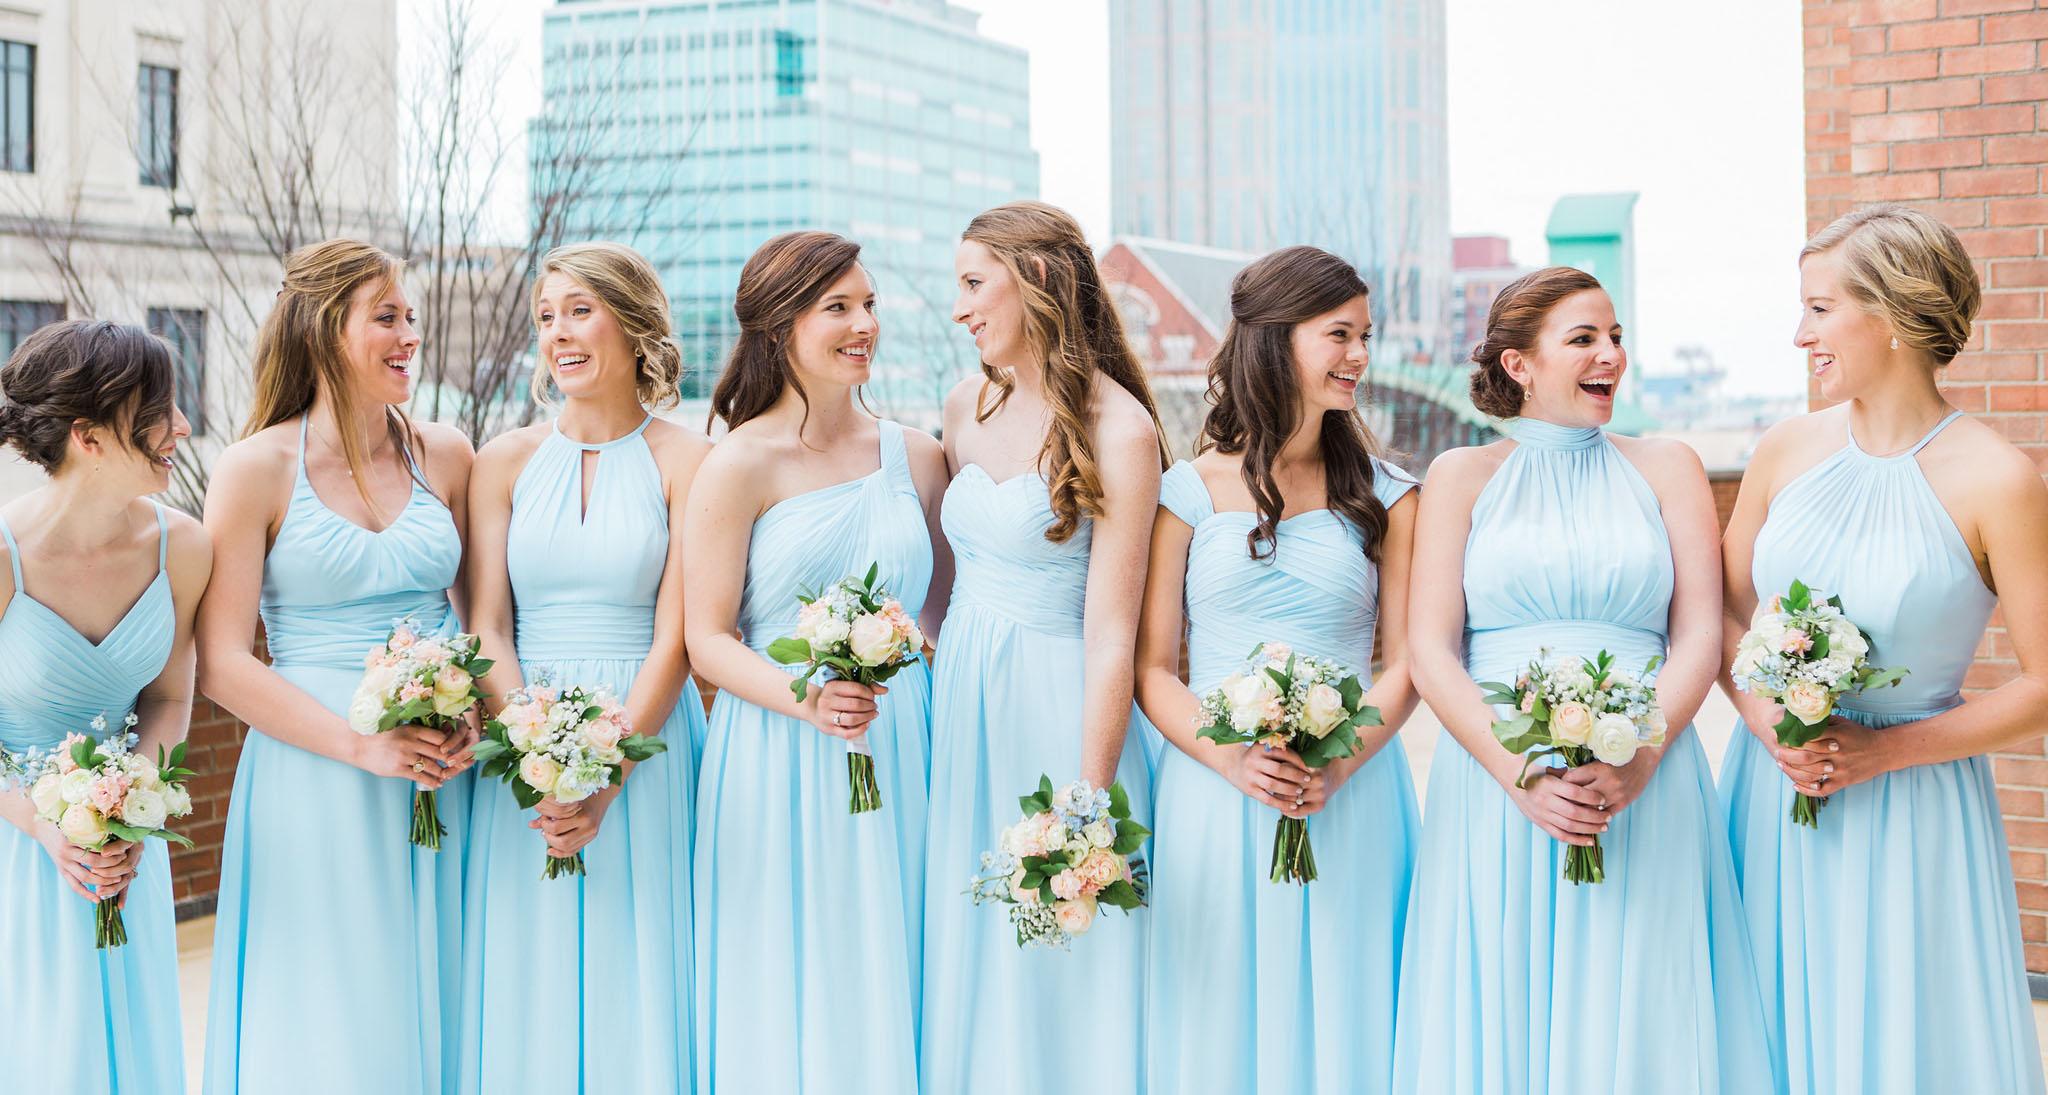 culoarea rochiilor domnisoarelor de onoare